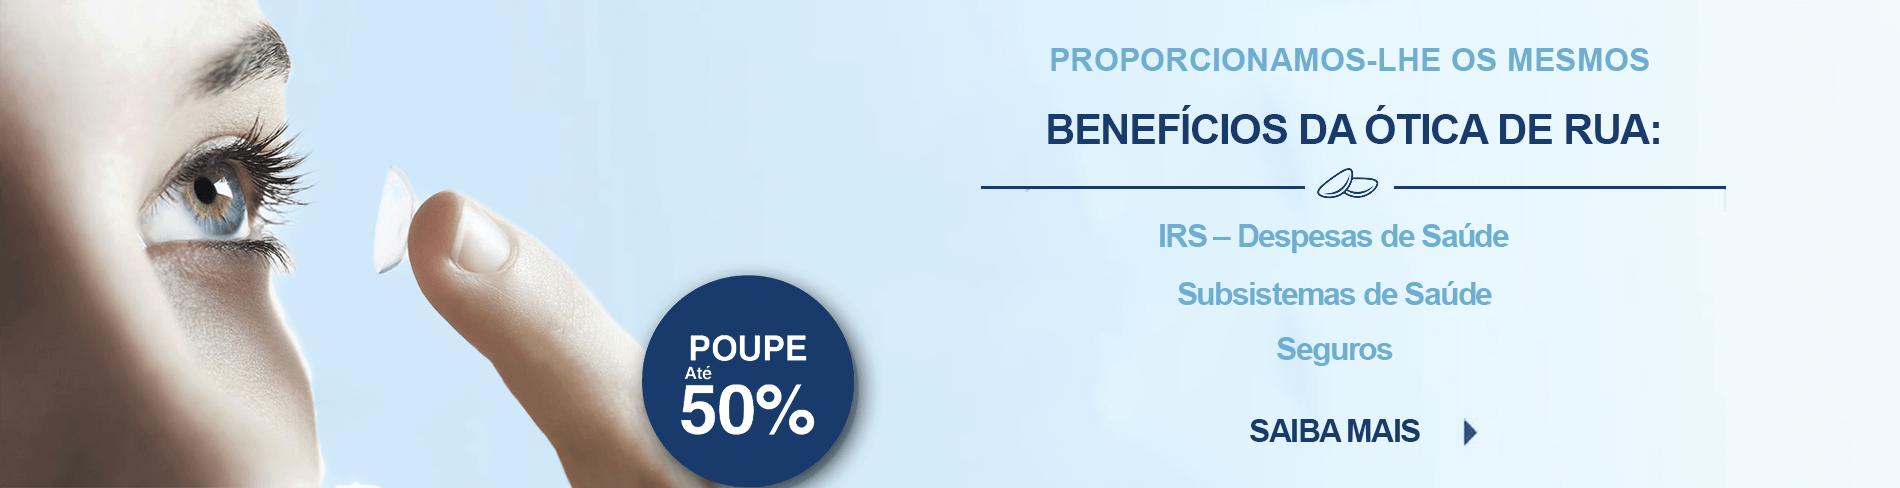 Subsistemas de Saúde, Seguros e IRS em Lentes de Contacto 365® 57100fb702